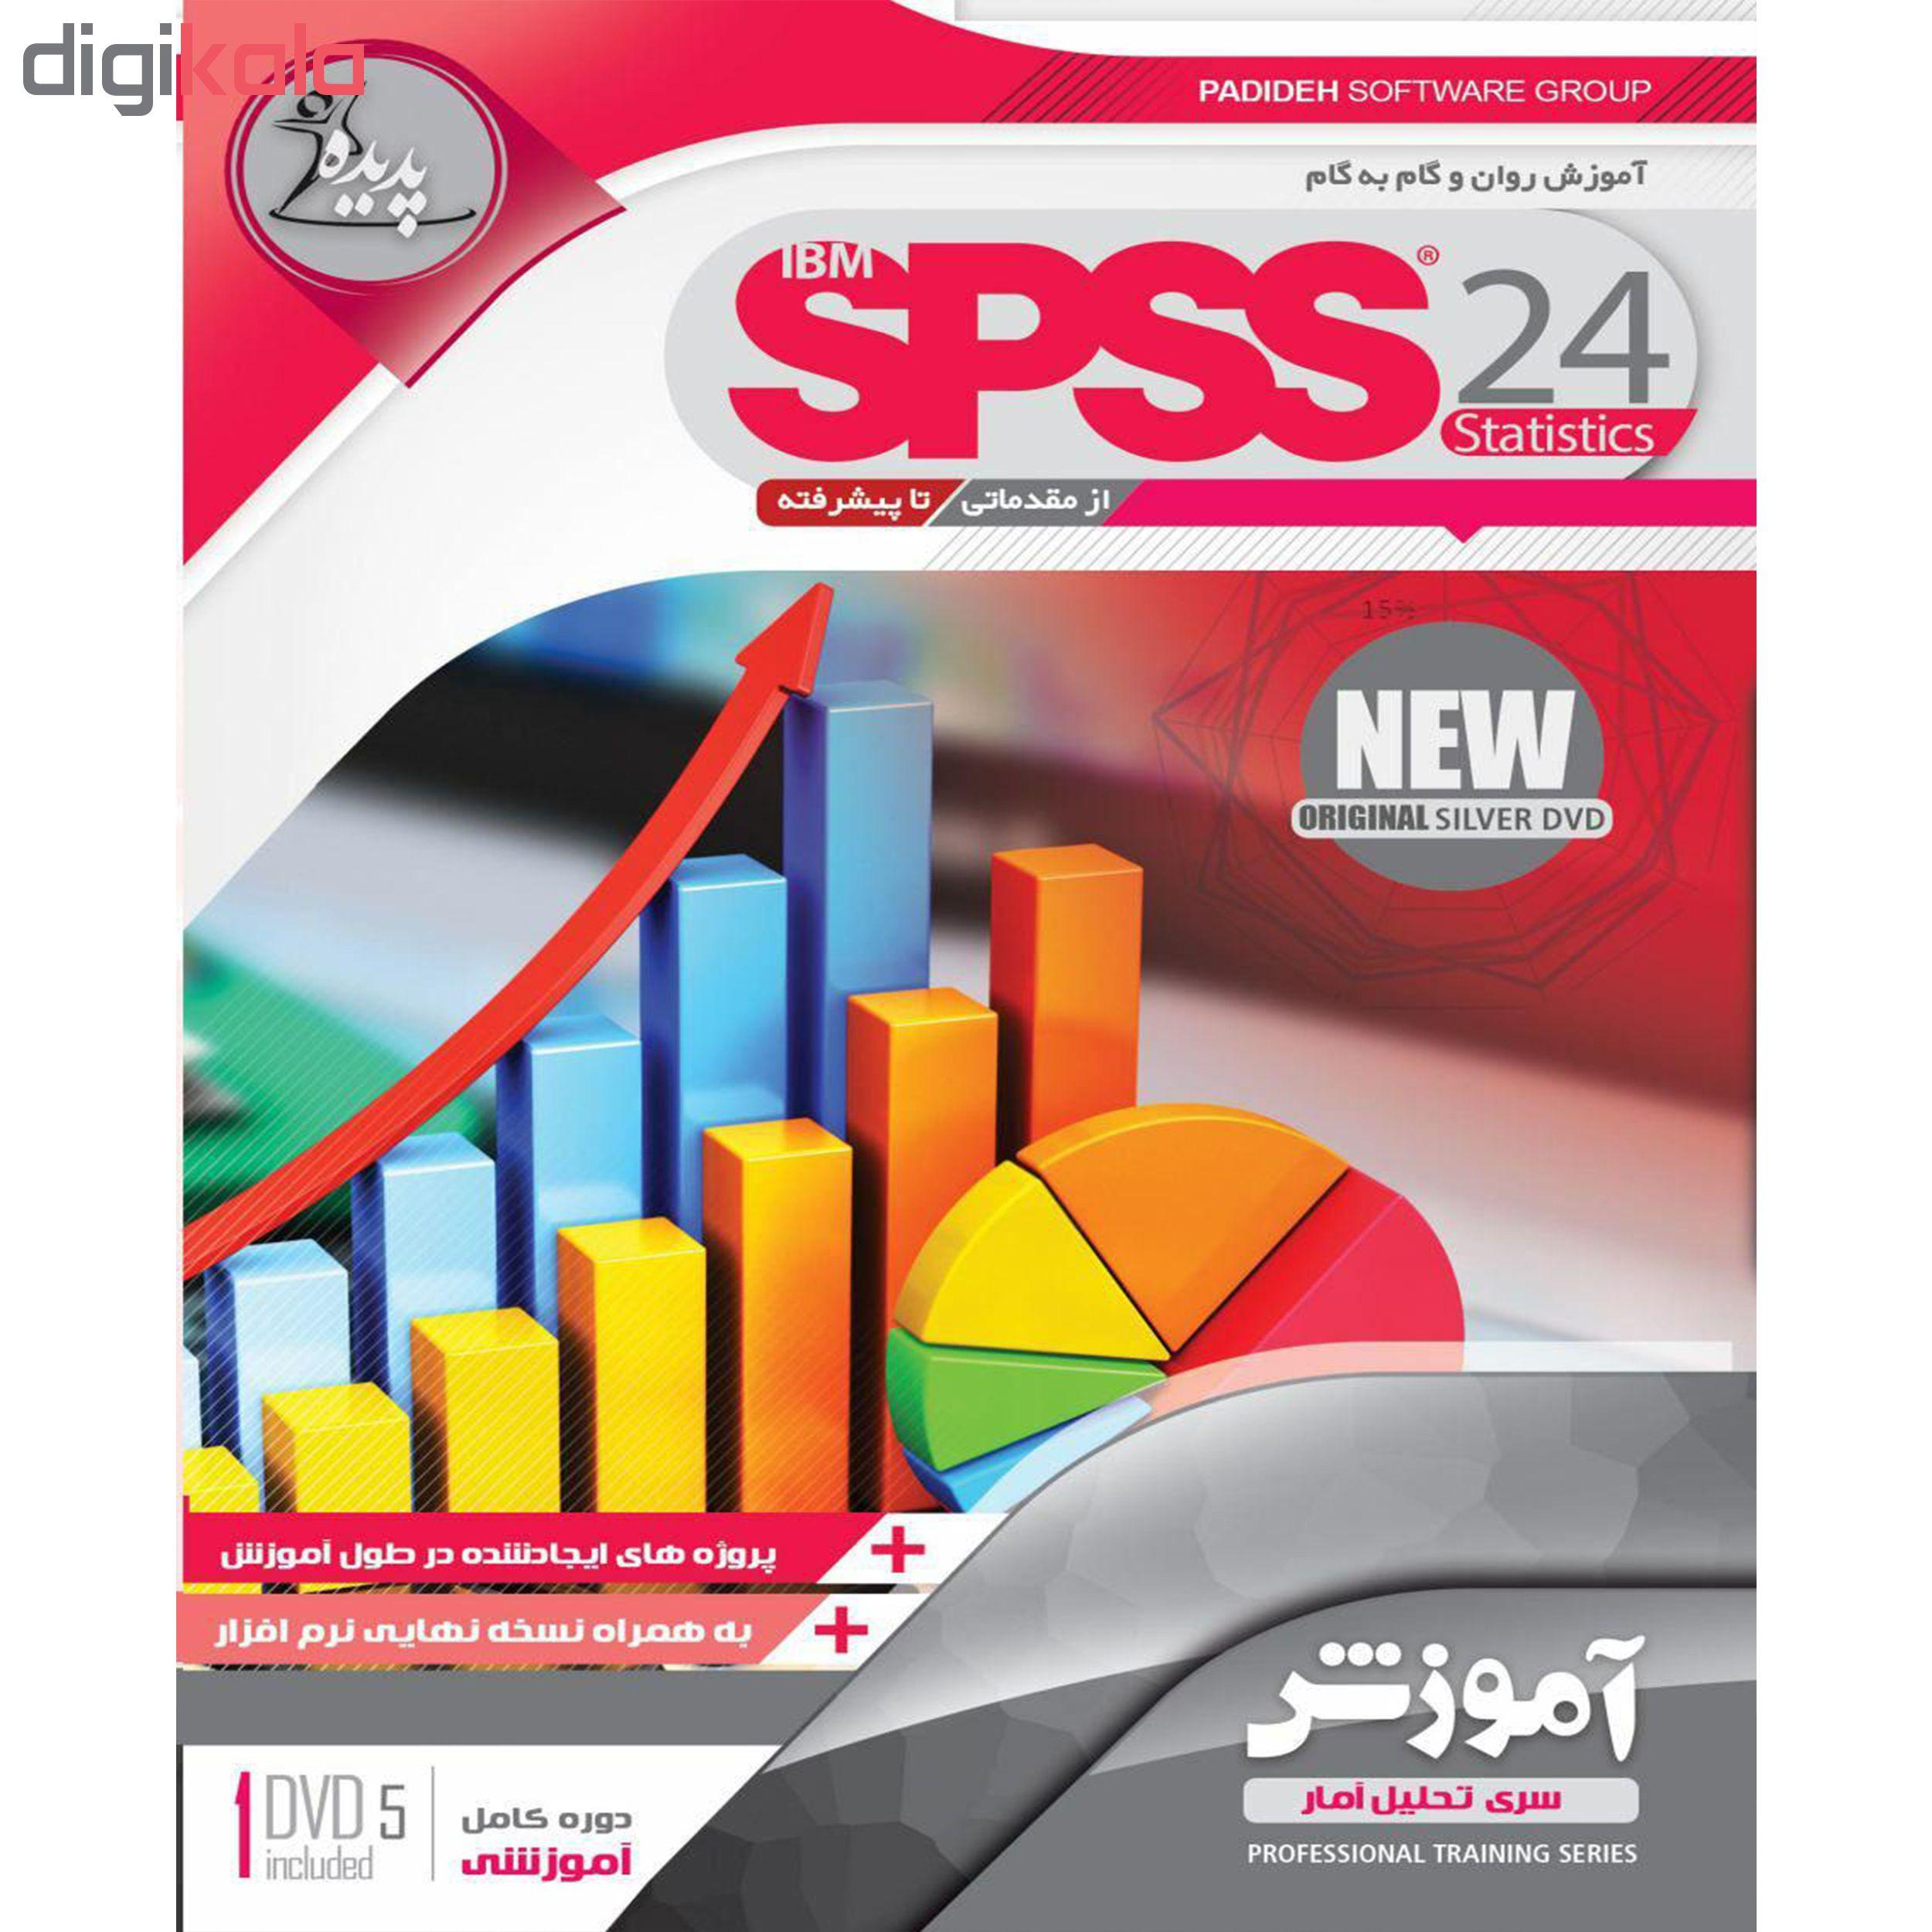 نرم افزار آموزش MS PROJECT نشر پدیده به همراه نرم افزار آموزش SPSS نشر پدیده